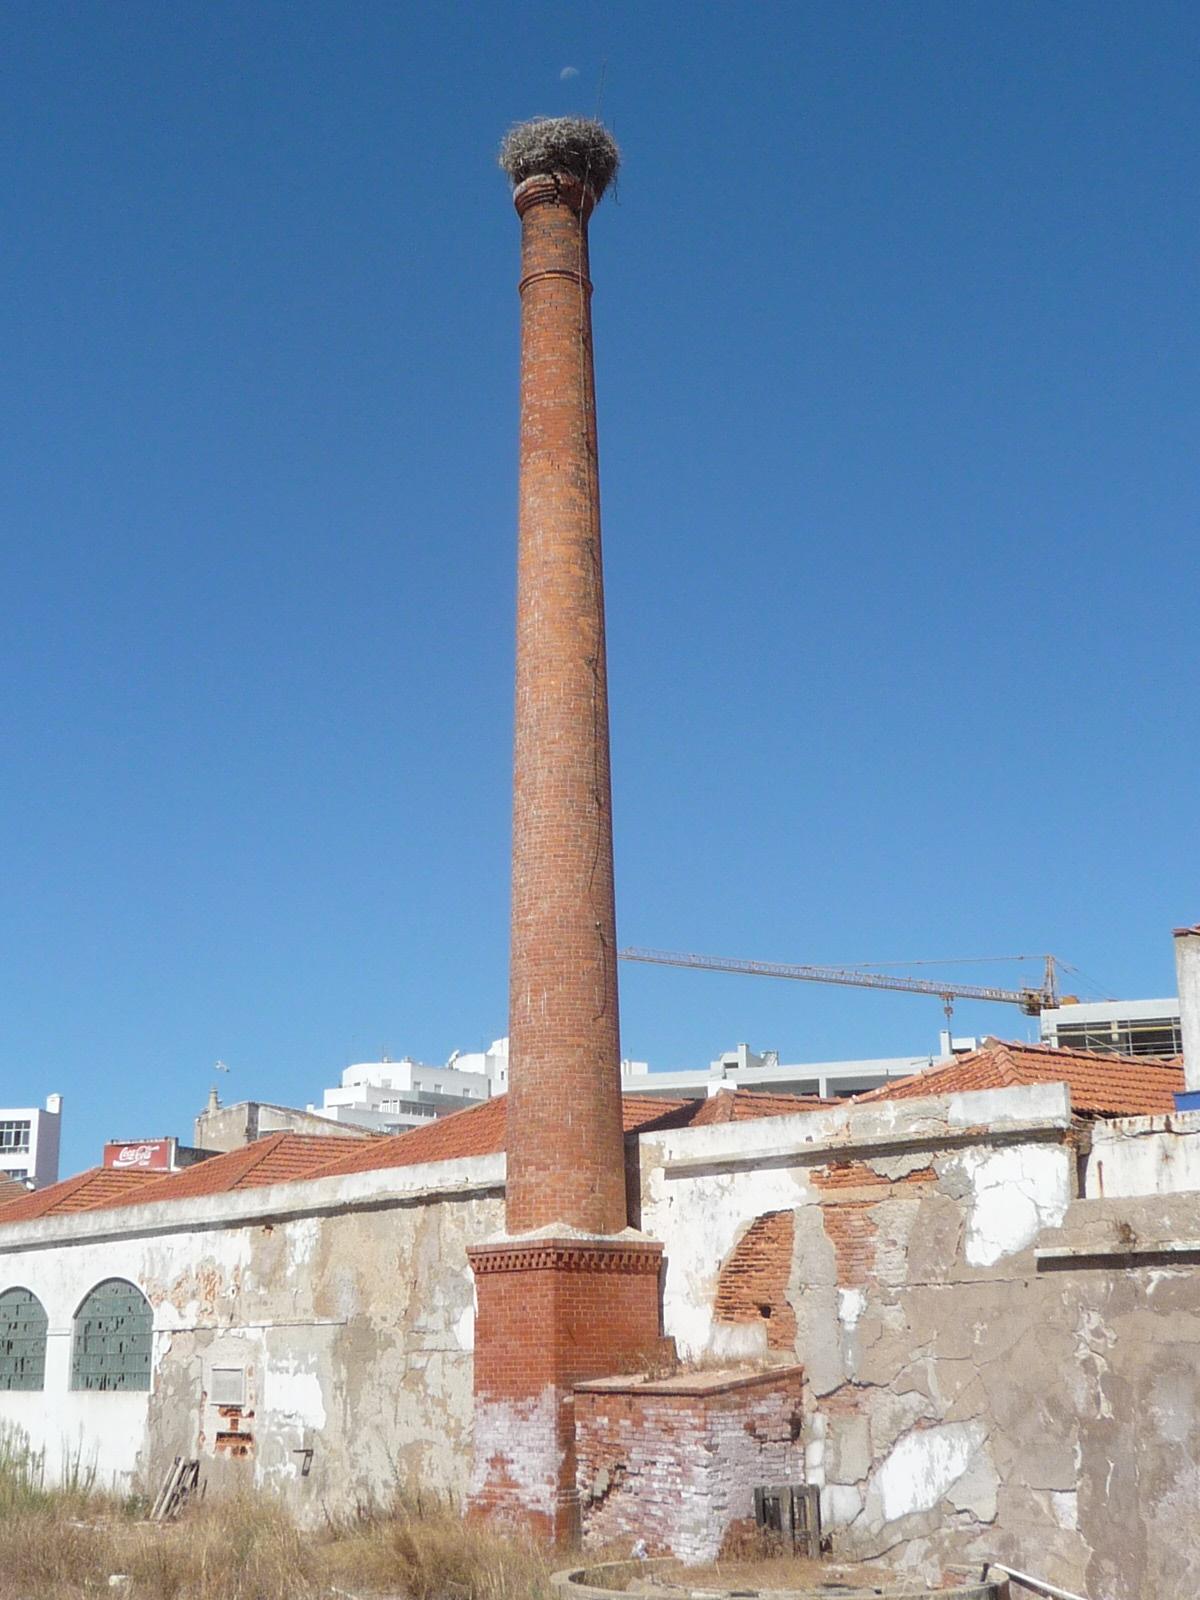 High chimney photo